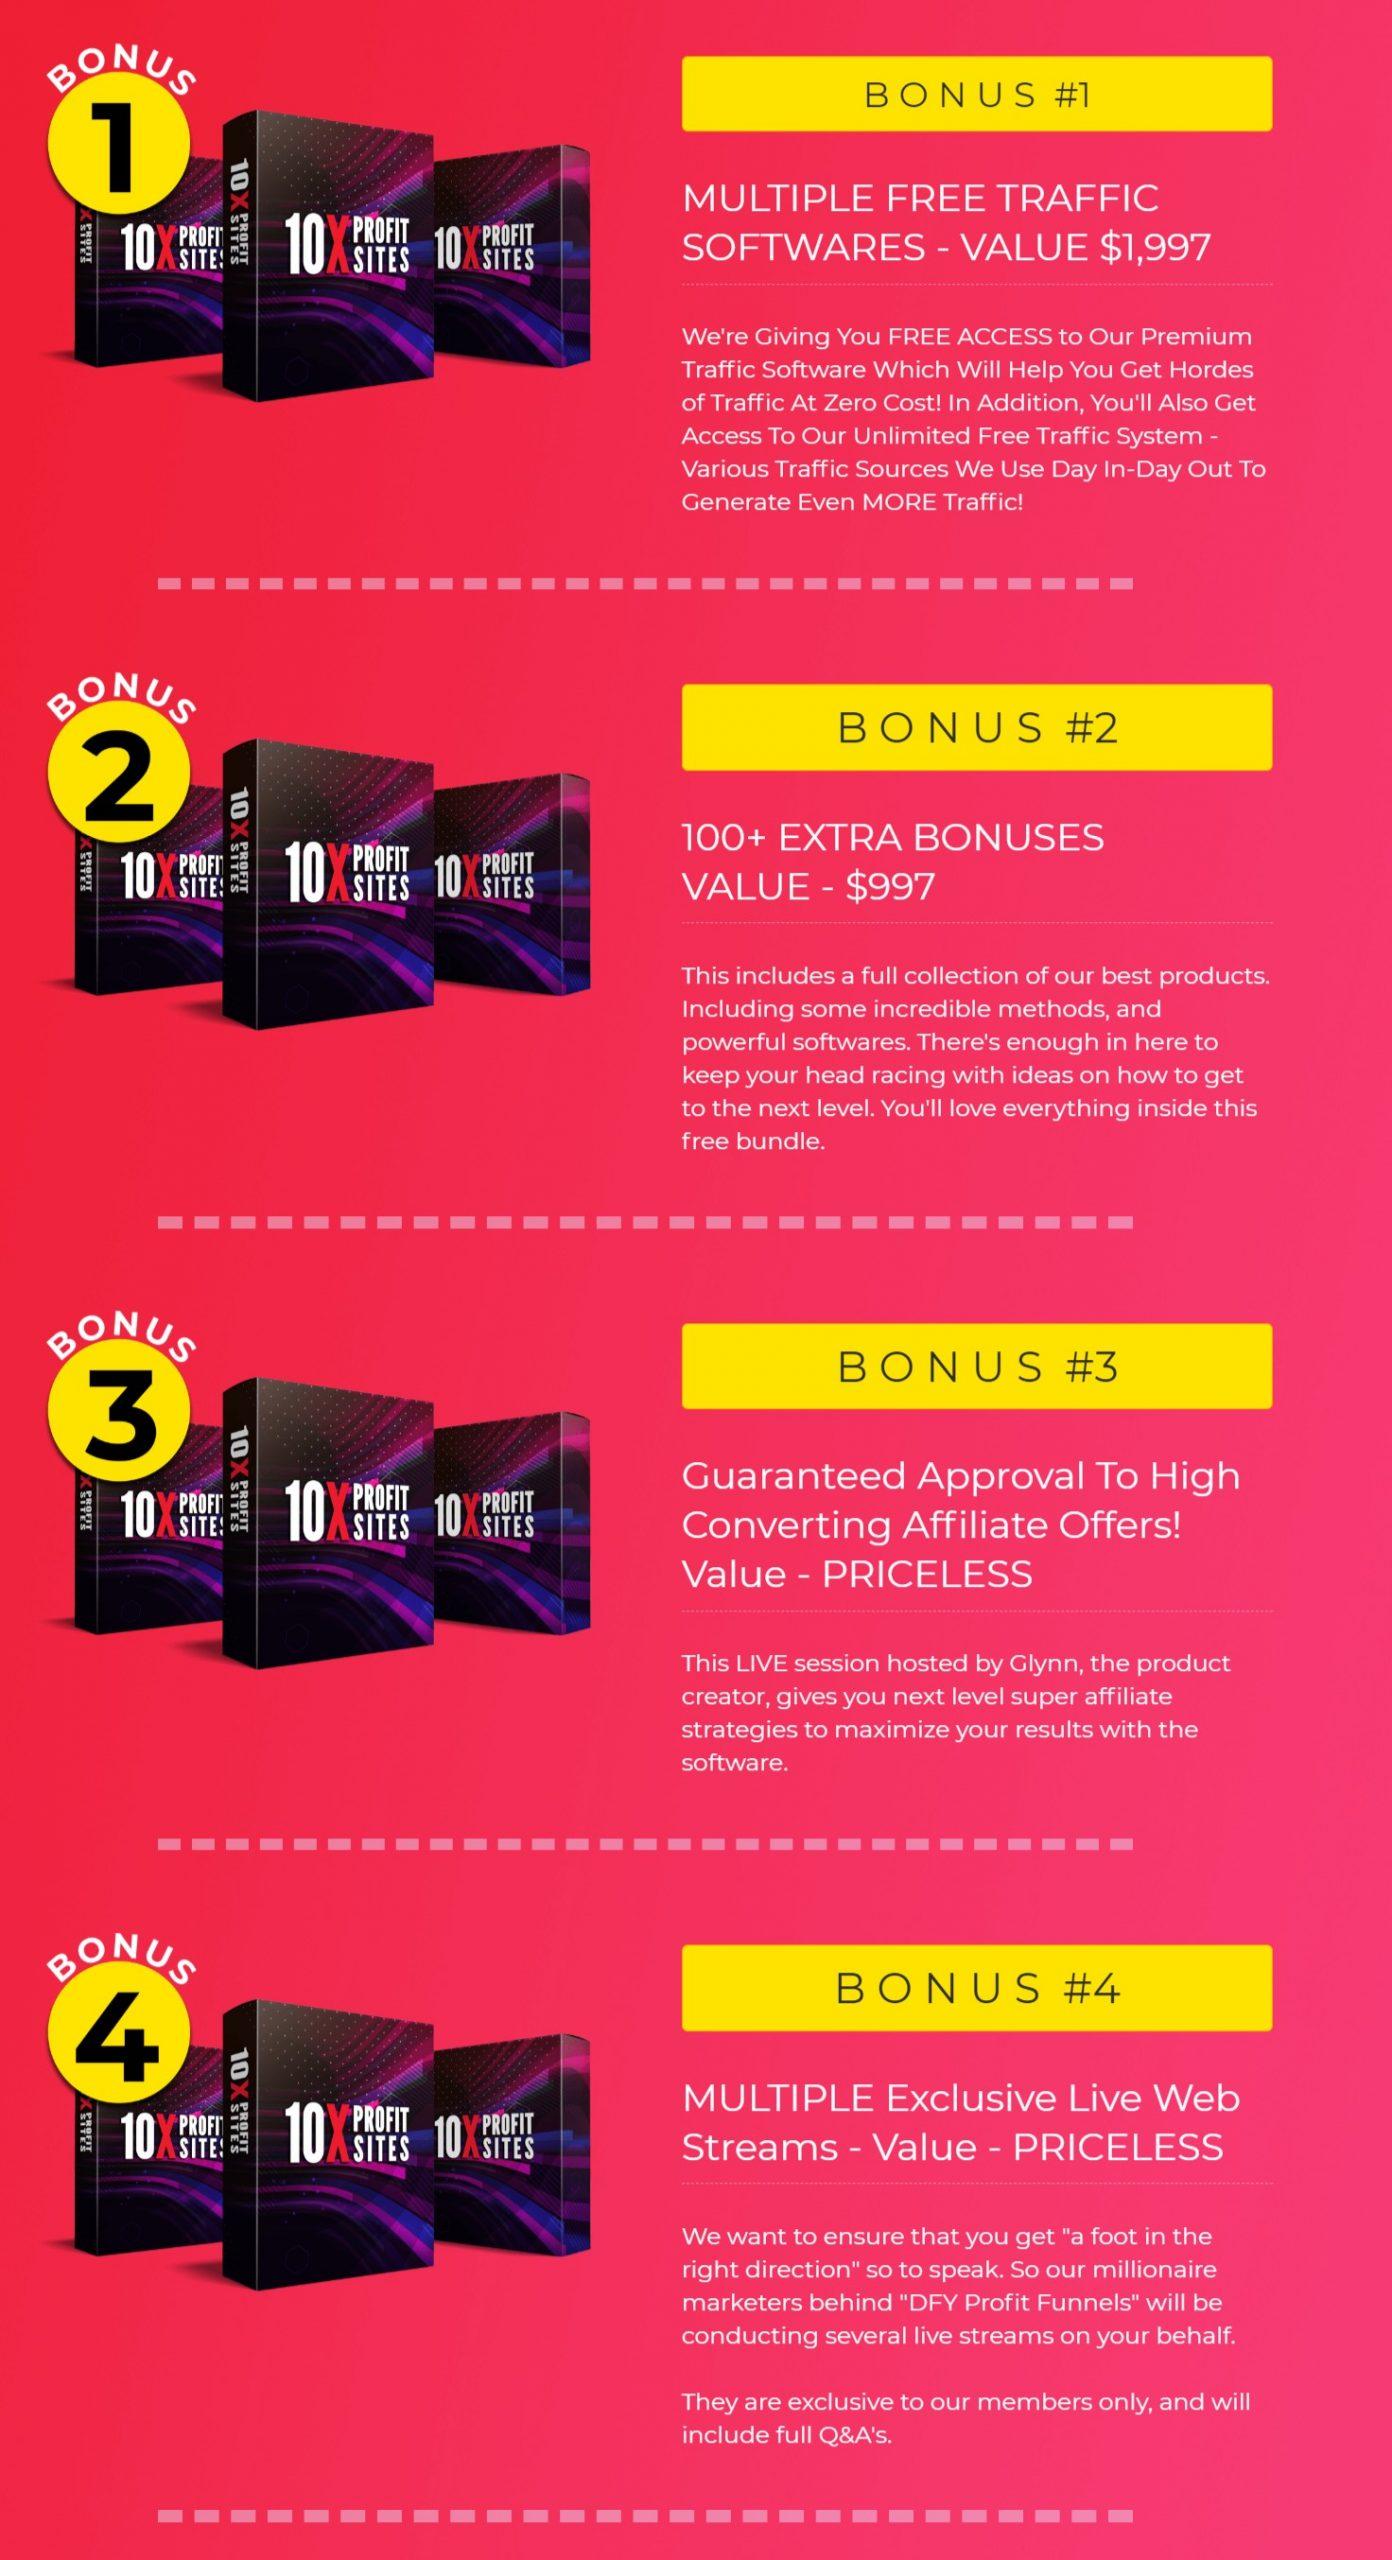 10X-Profit-Sites-bonus